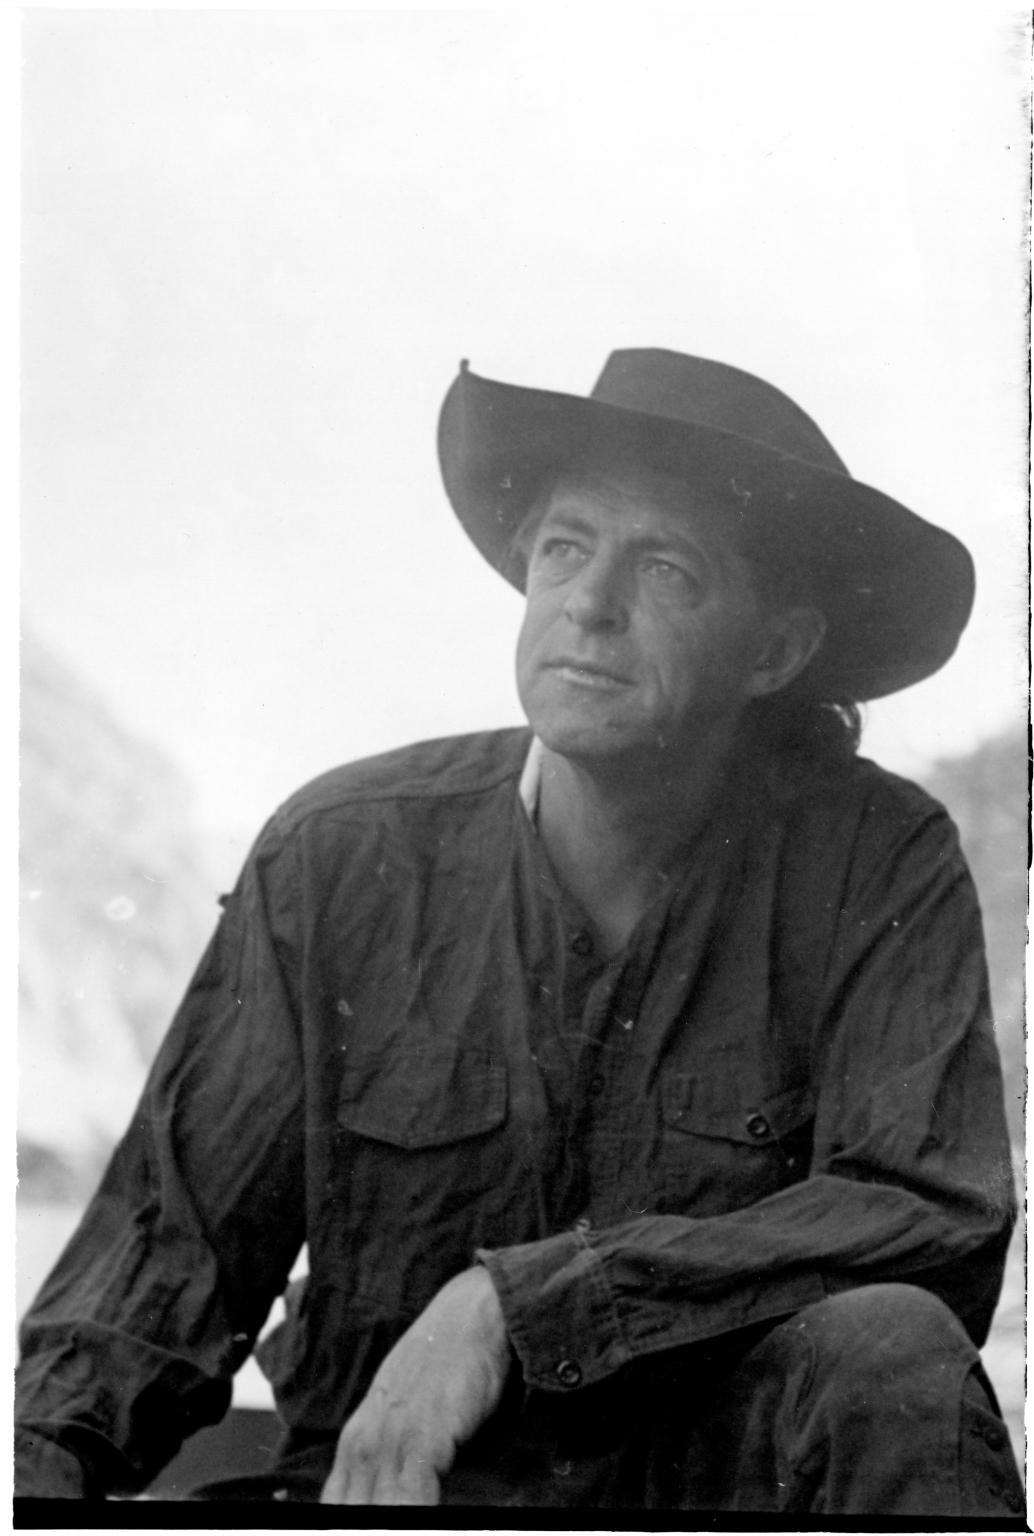 Harold Liebler